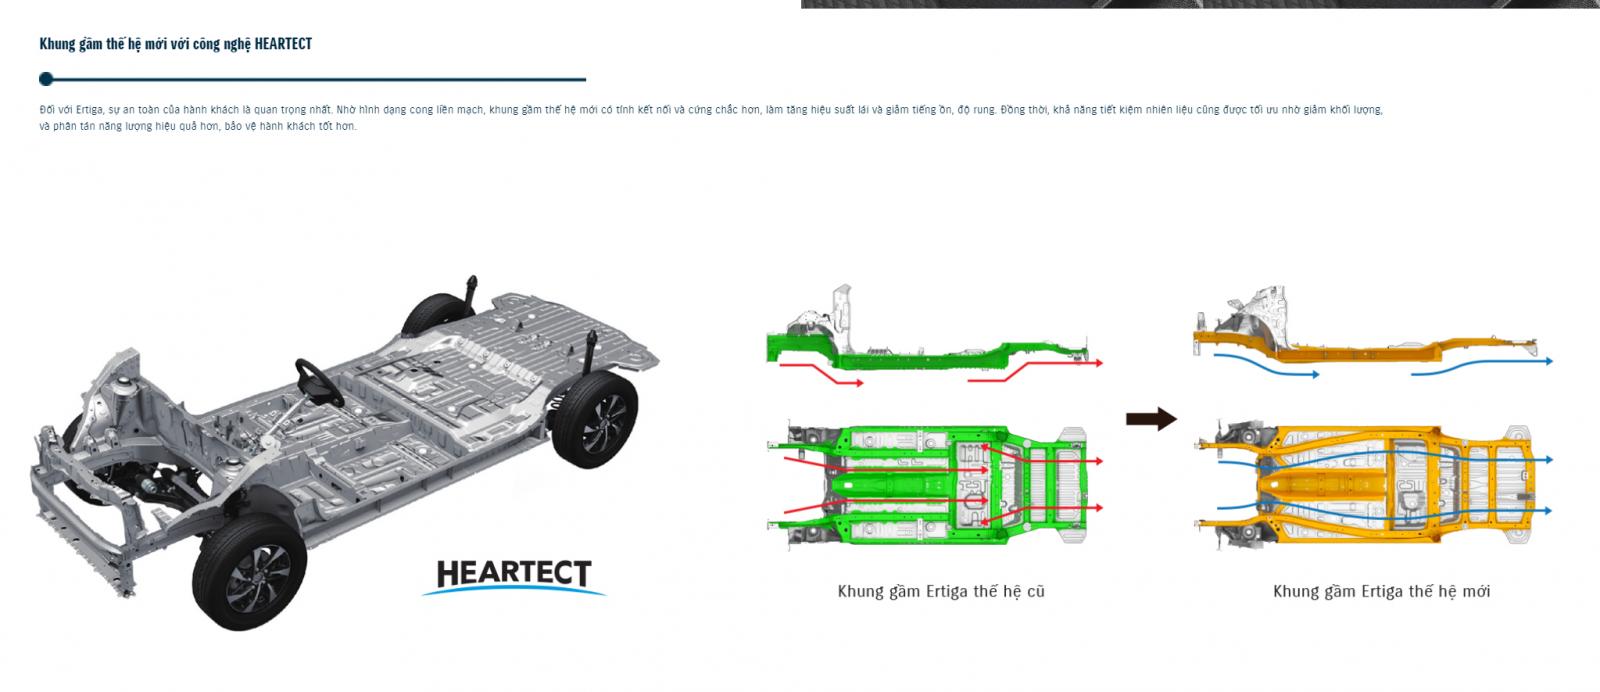 Khung gầm xe sử dụng công nghệ Heartect hiện đại